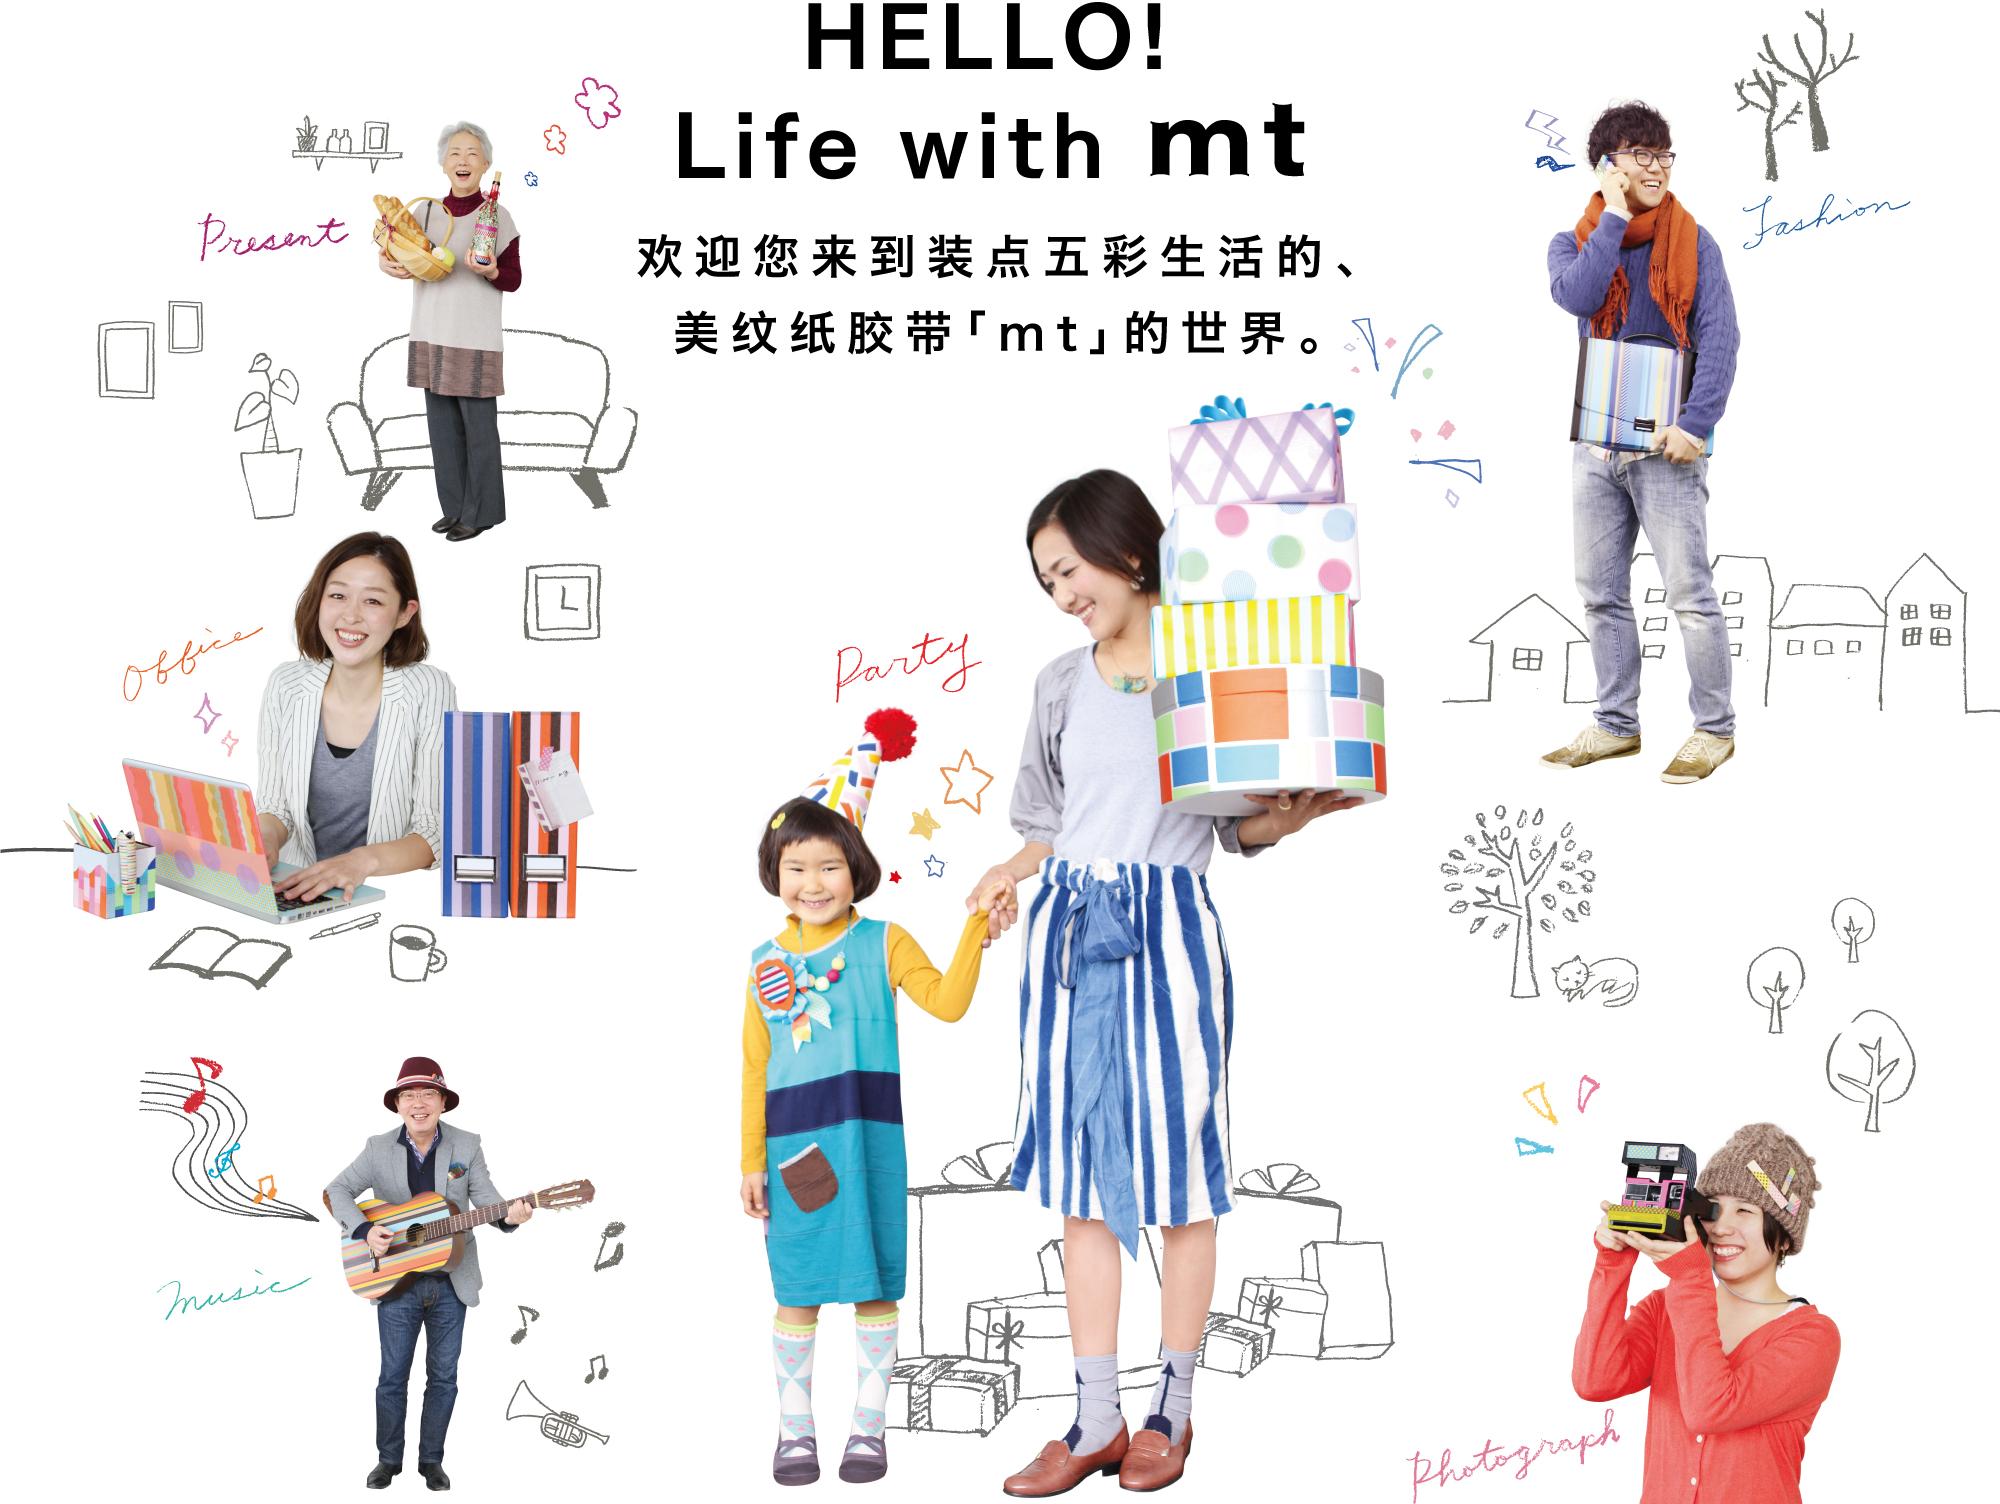 欢迎您来到装点五彩生活的、美纹纸胶带「mt」的世界。